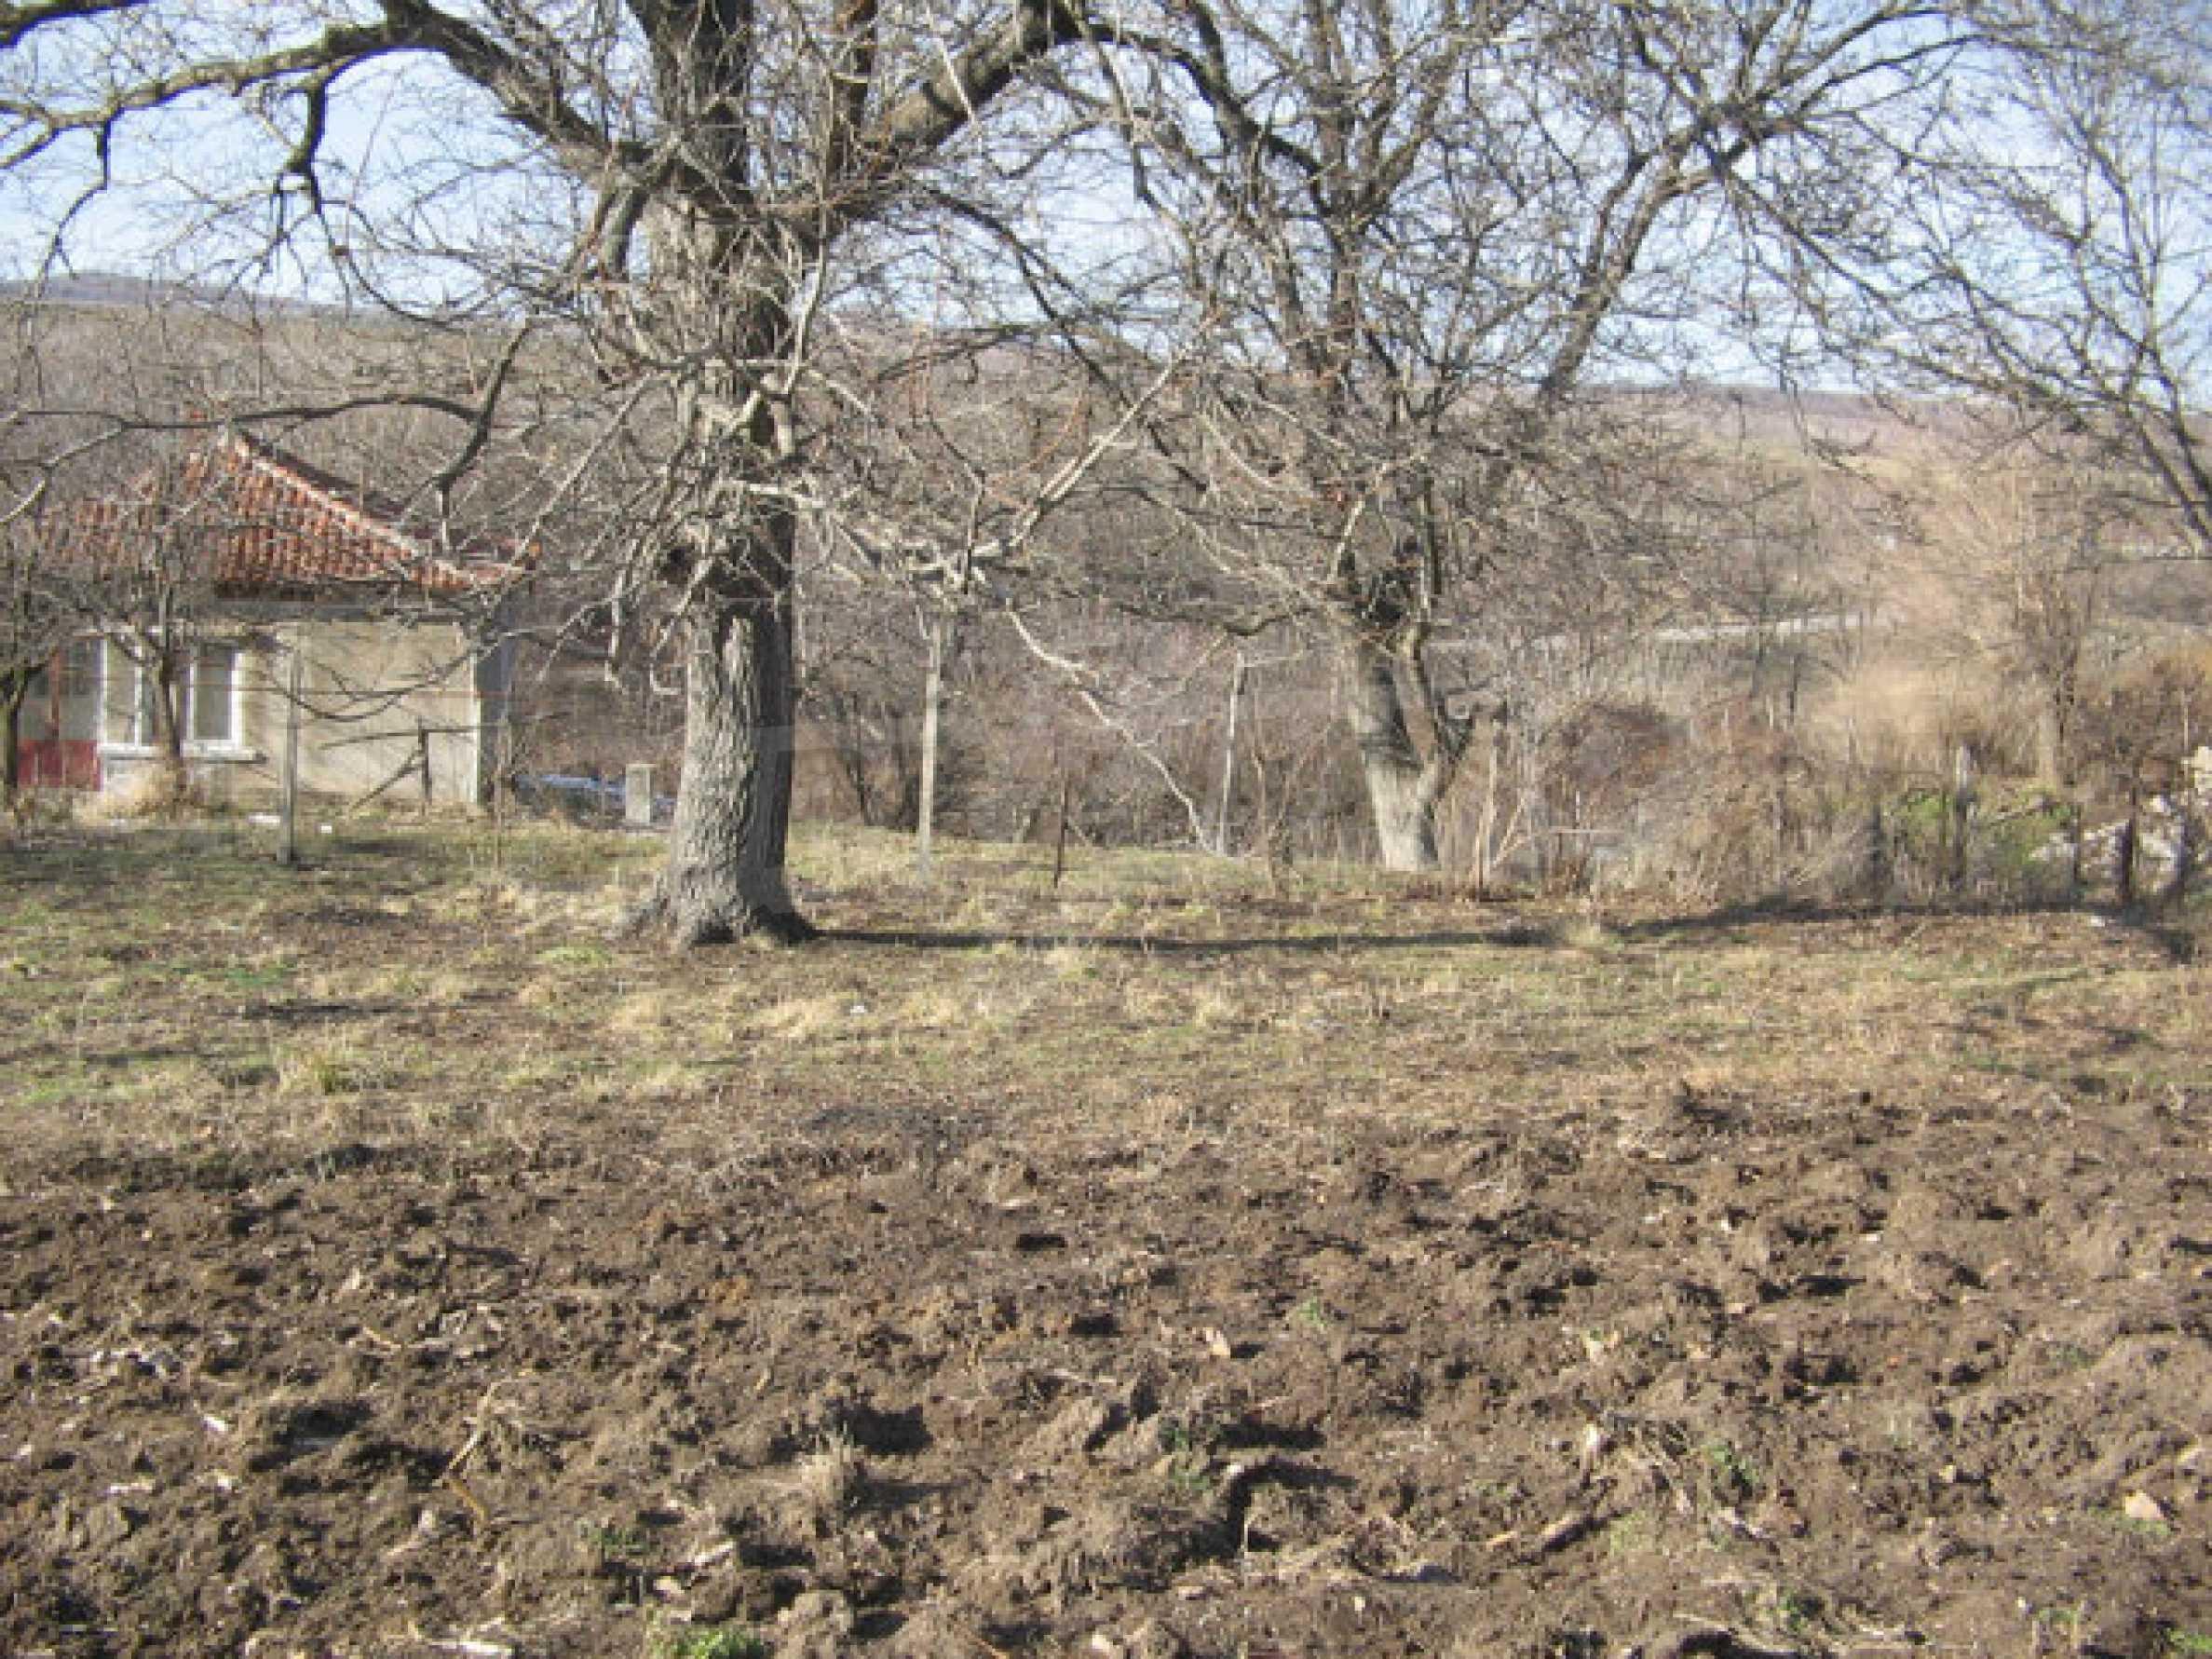 Ein Grundstück zum Verkauf in einem Dorf 32 km von Kardjali entfernt 4